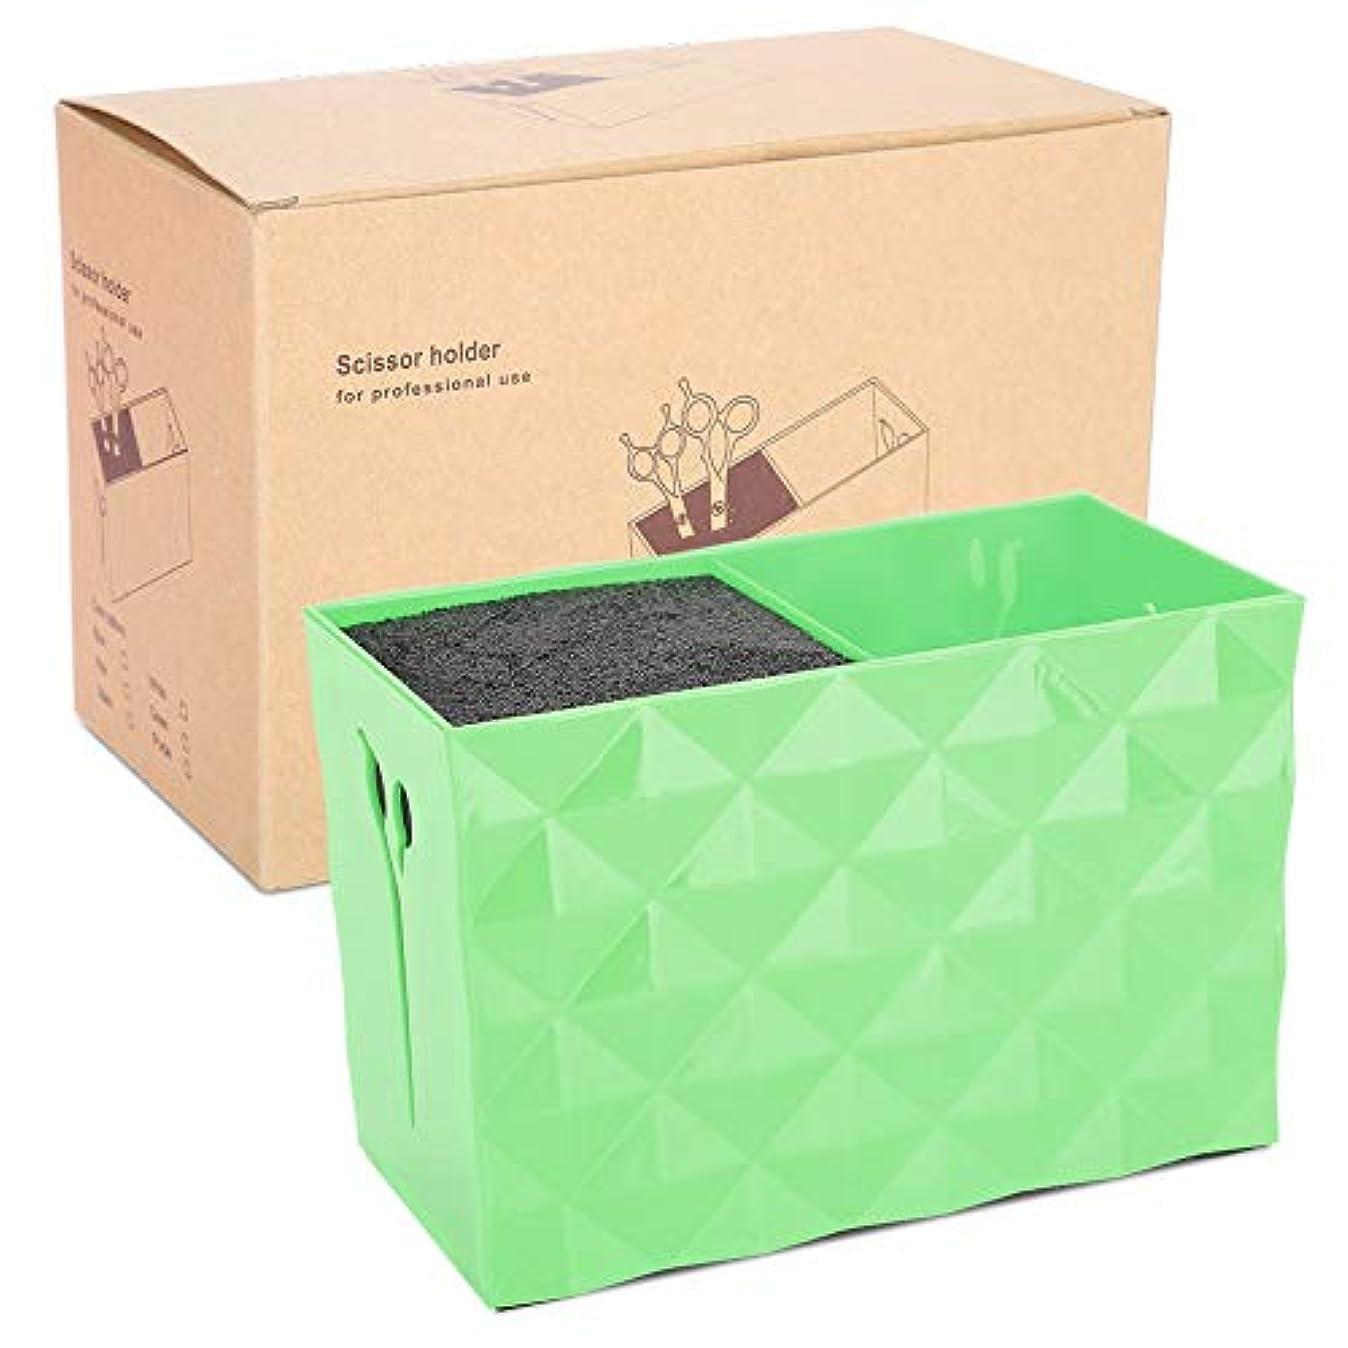 ファイル言語色合い理髪収納ボックス、理髪ツールアクセサリーはさみくしヘアクリップオーガナイザー(緑)